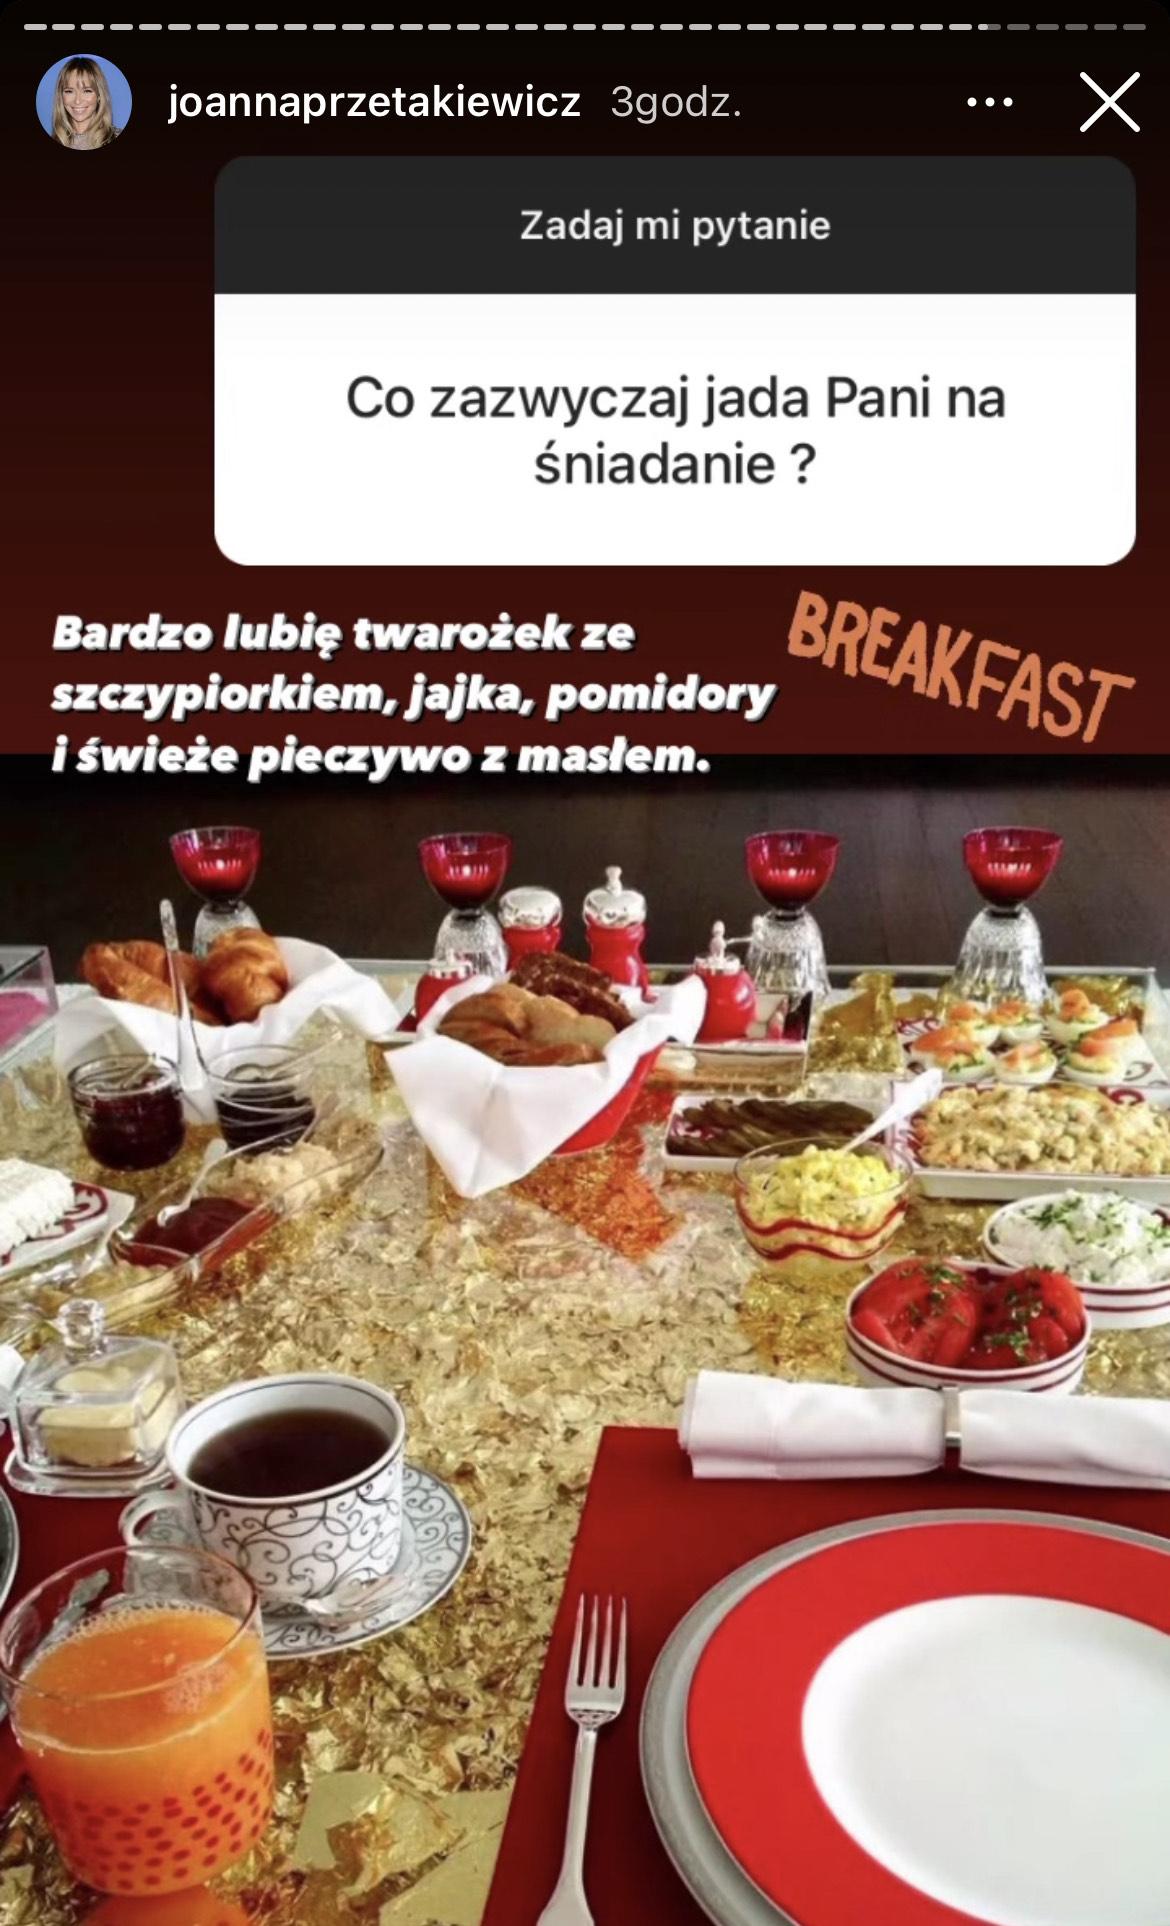 Joanna Przetakiewicz zdradziła, co je na śniadanie